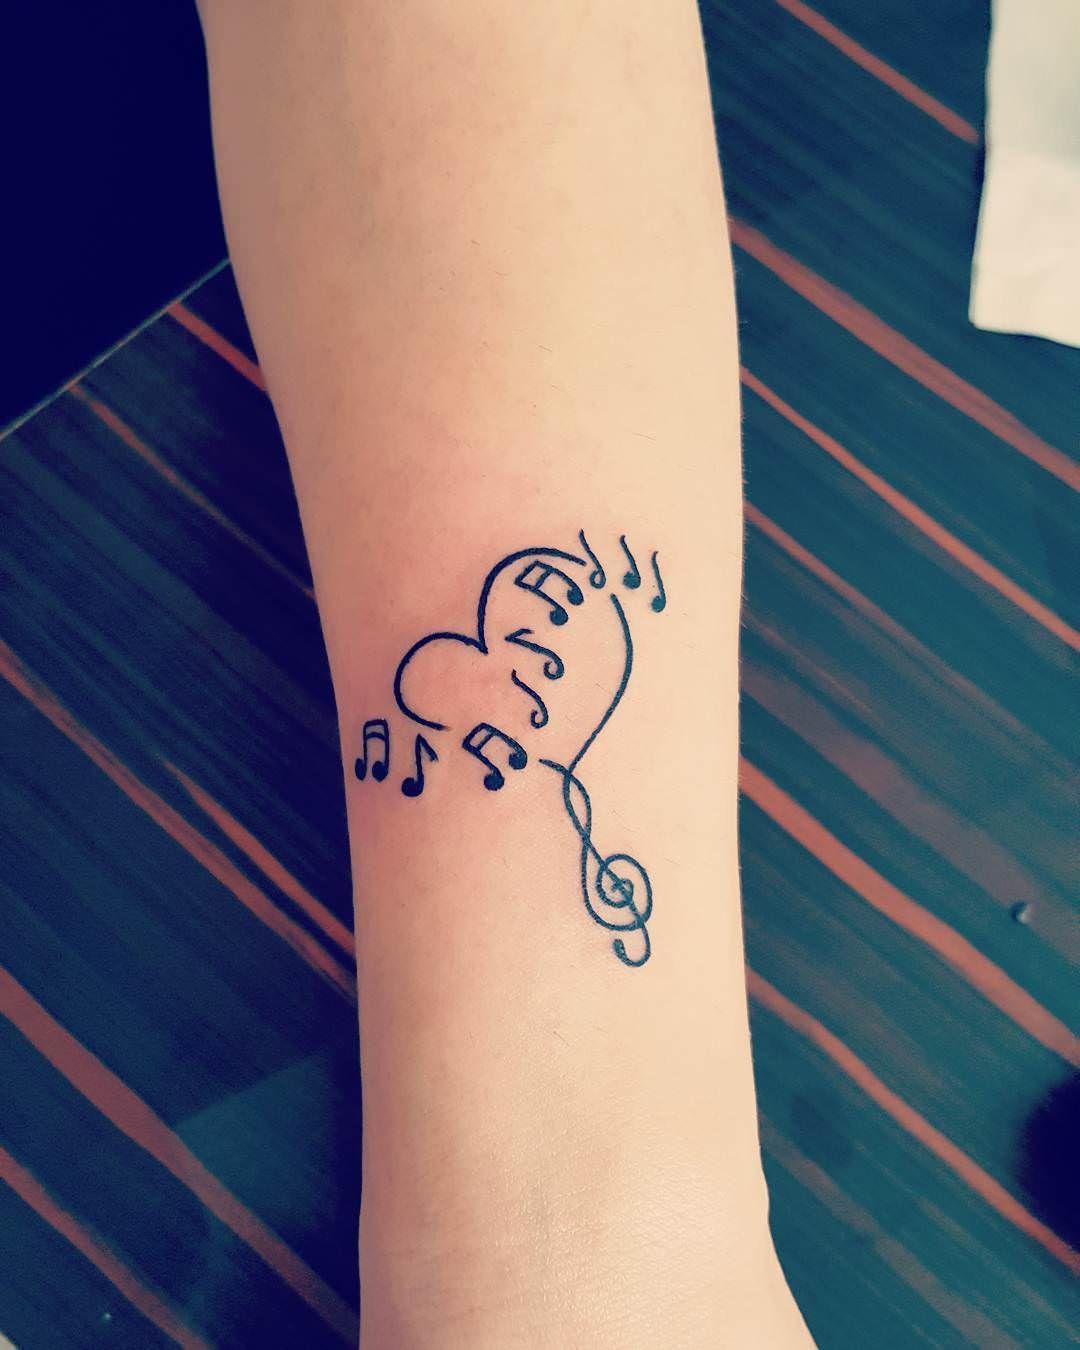 Awesome удивительные тату на запястье для девушек лучшие варианты